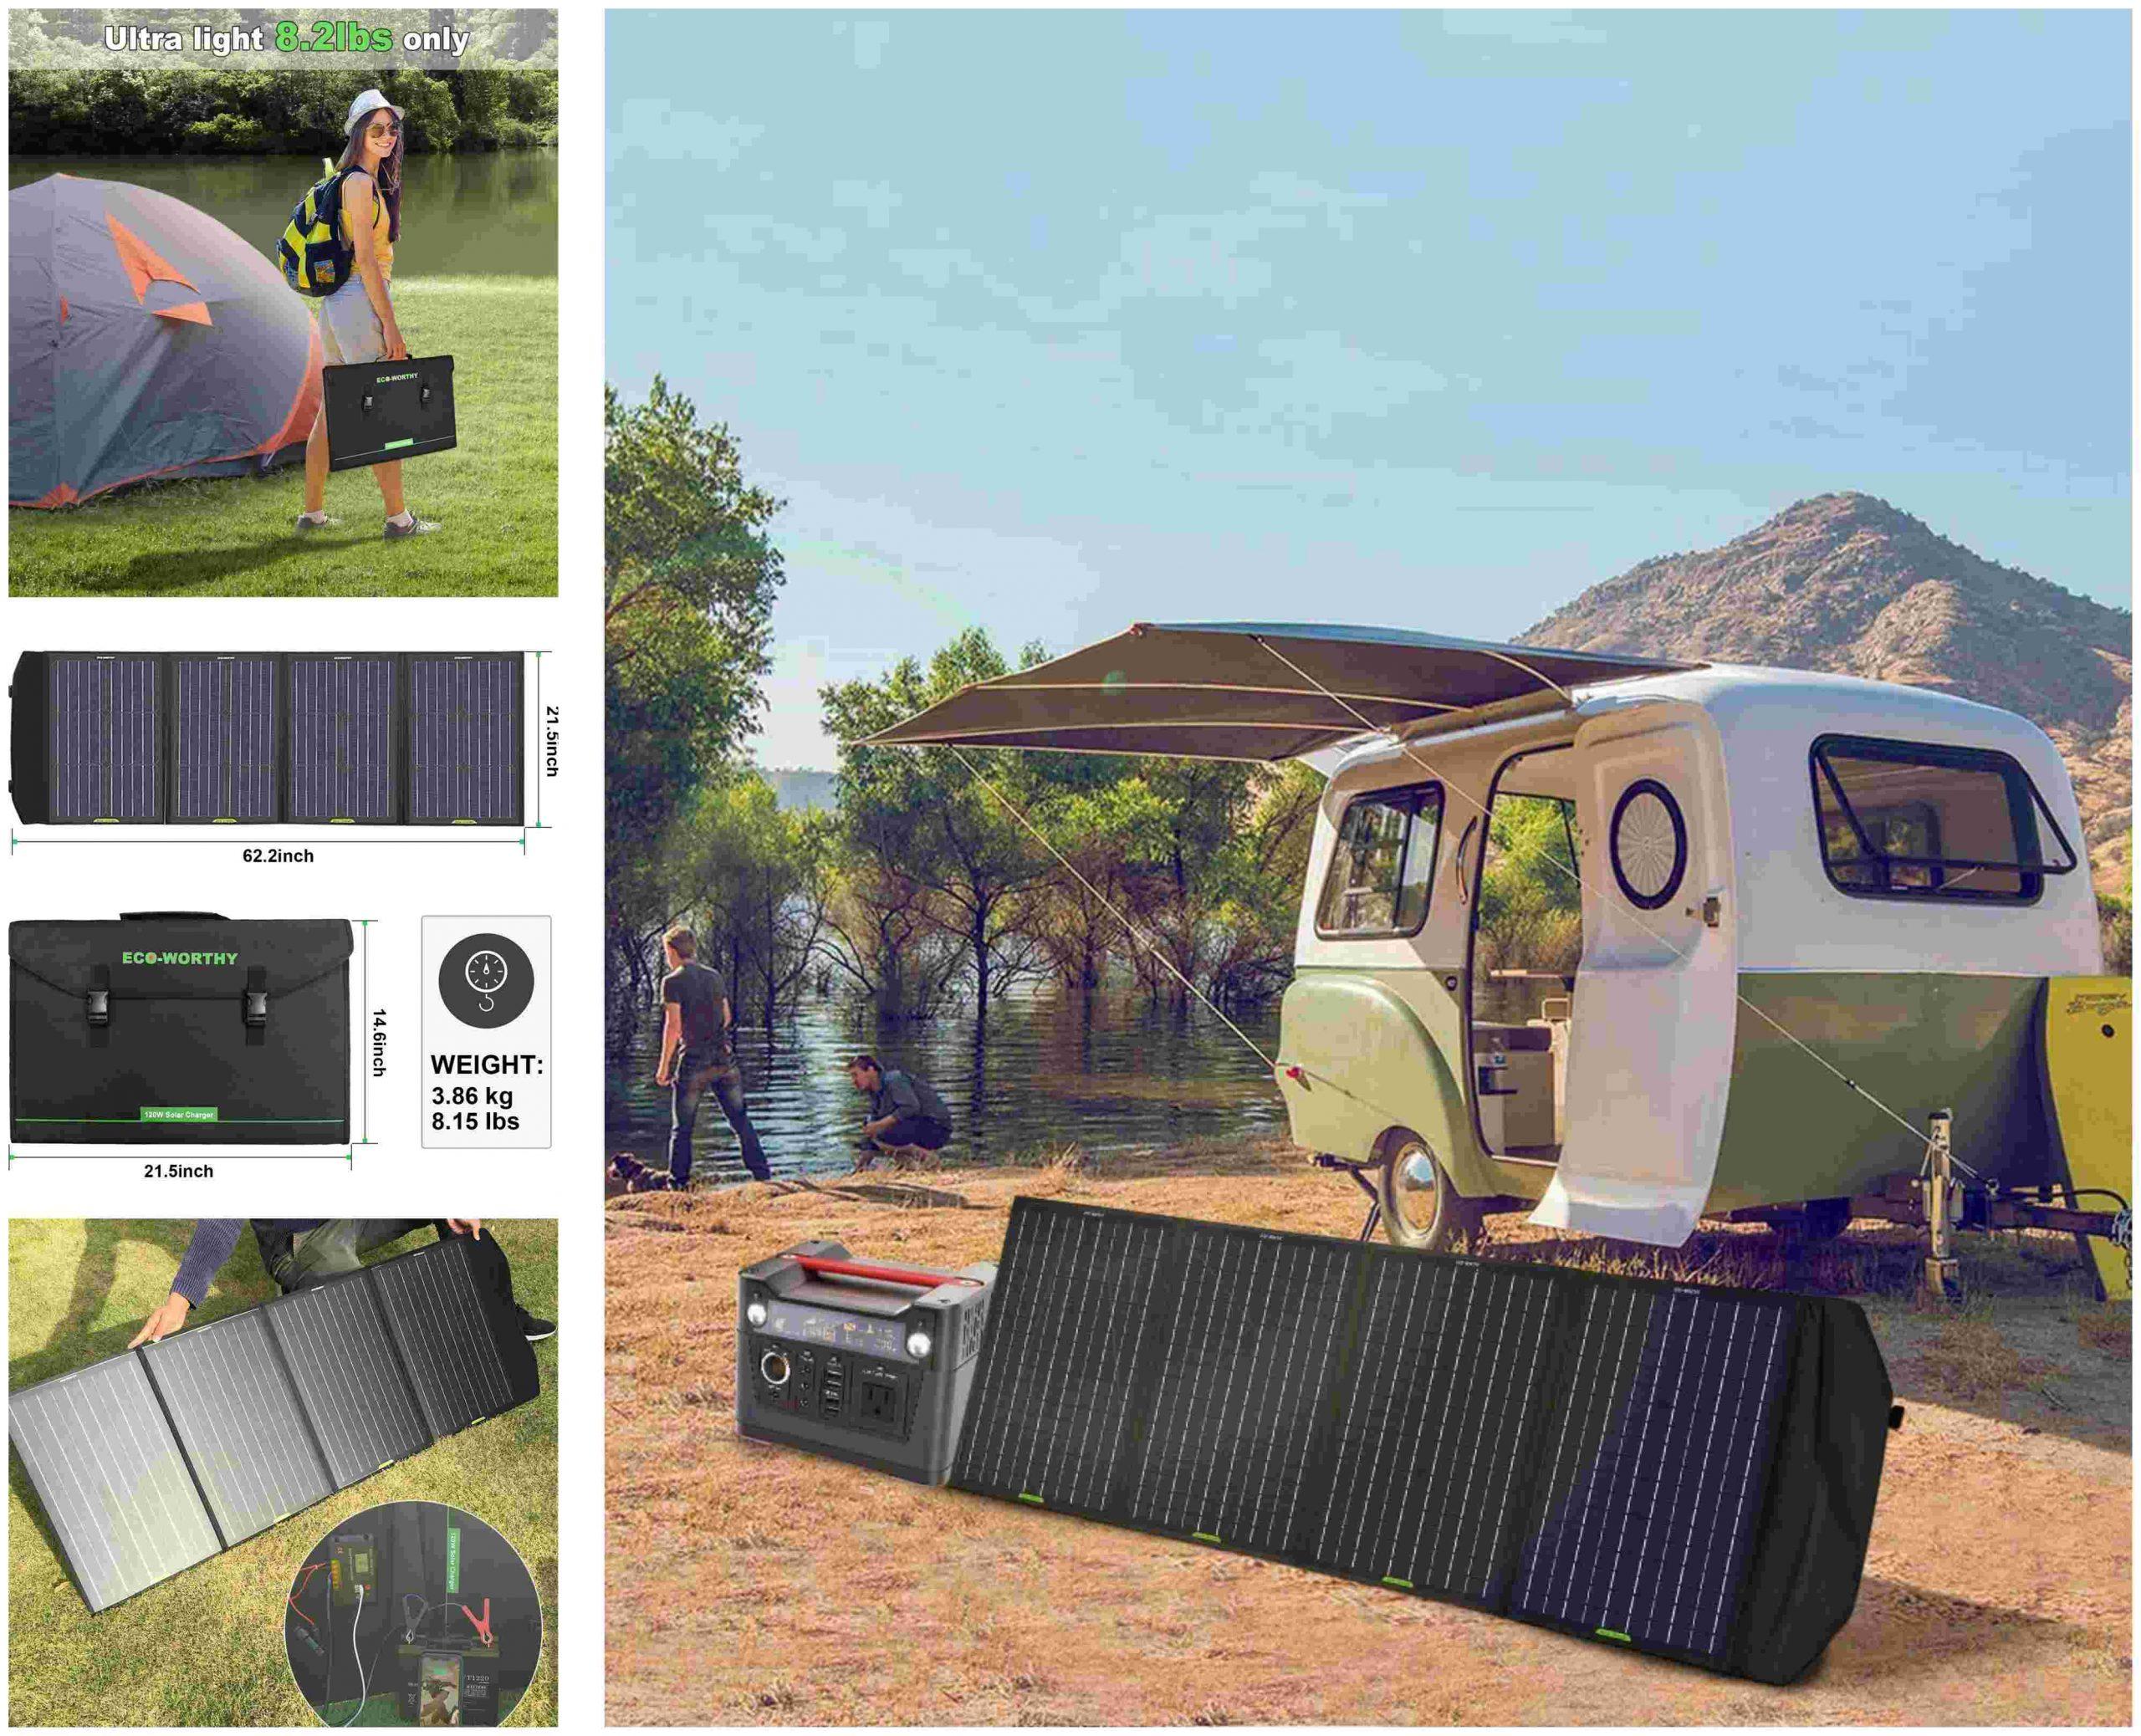 uno-de-los-mejores-paneles-solares-tipo-maleta-modelo-eco-worthy